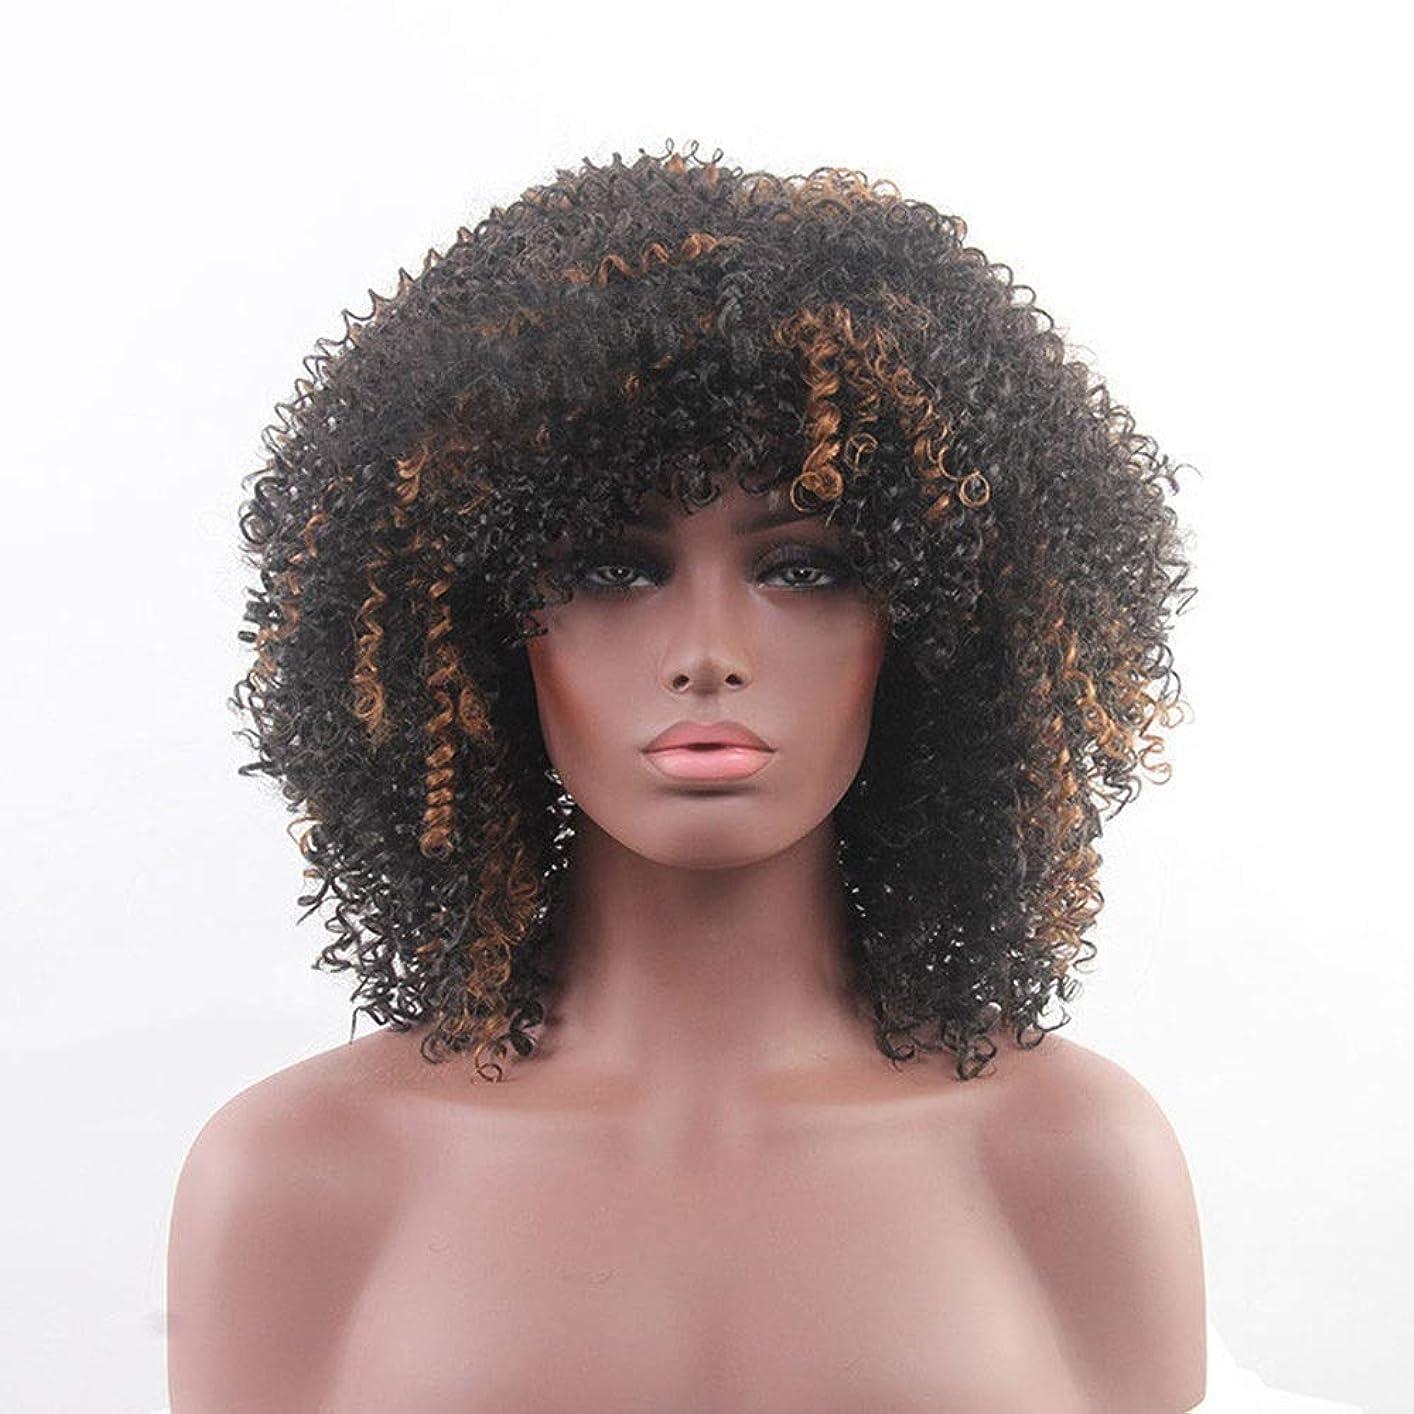 懐疑論無秩序案件Yrattary ブラウンブラック混合色アフリカ黒人女性のトウモロコシの小さなロールかつら合成髪レースかつらロールプレイングかつら (色 : Brown mixed black)